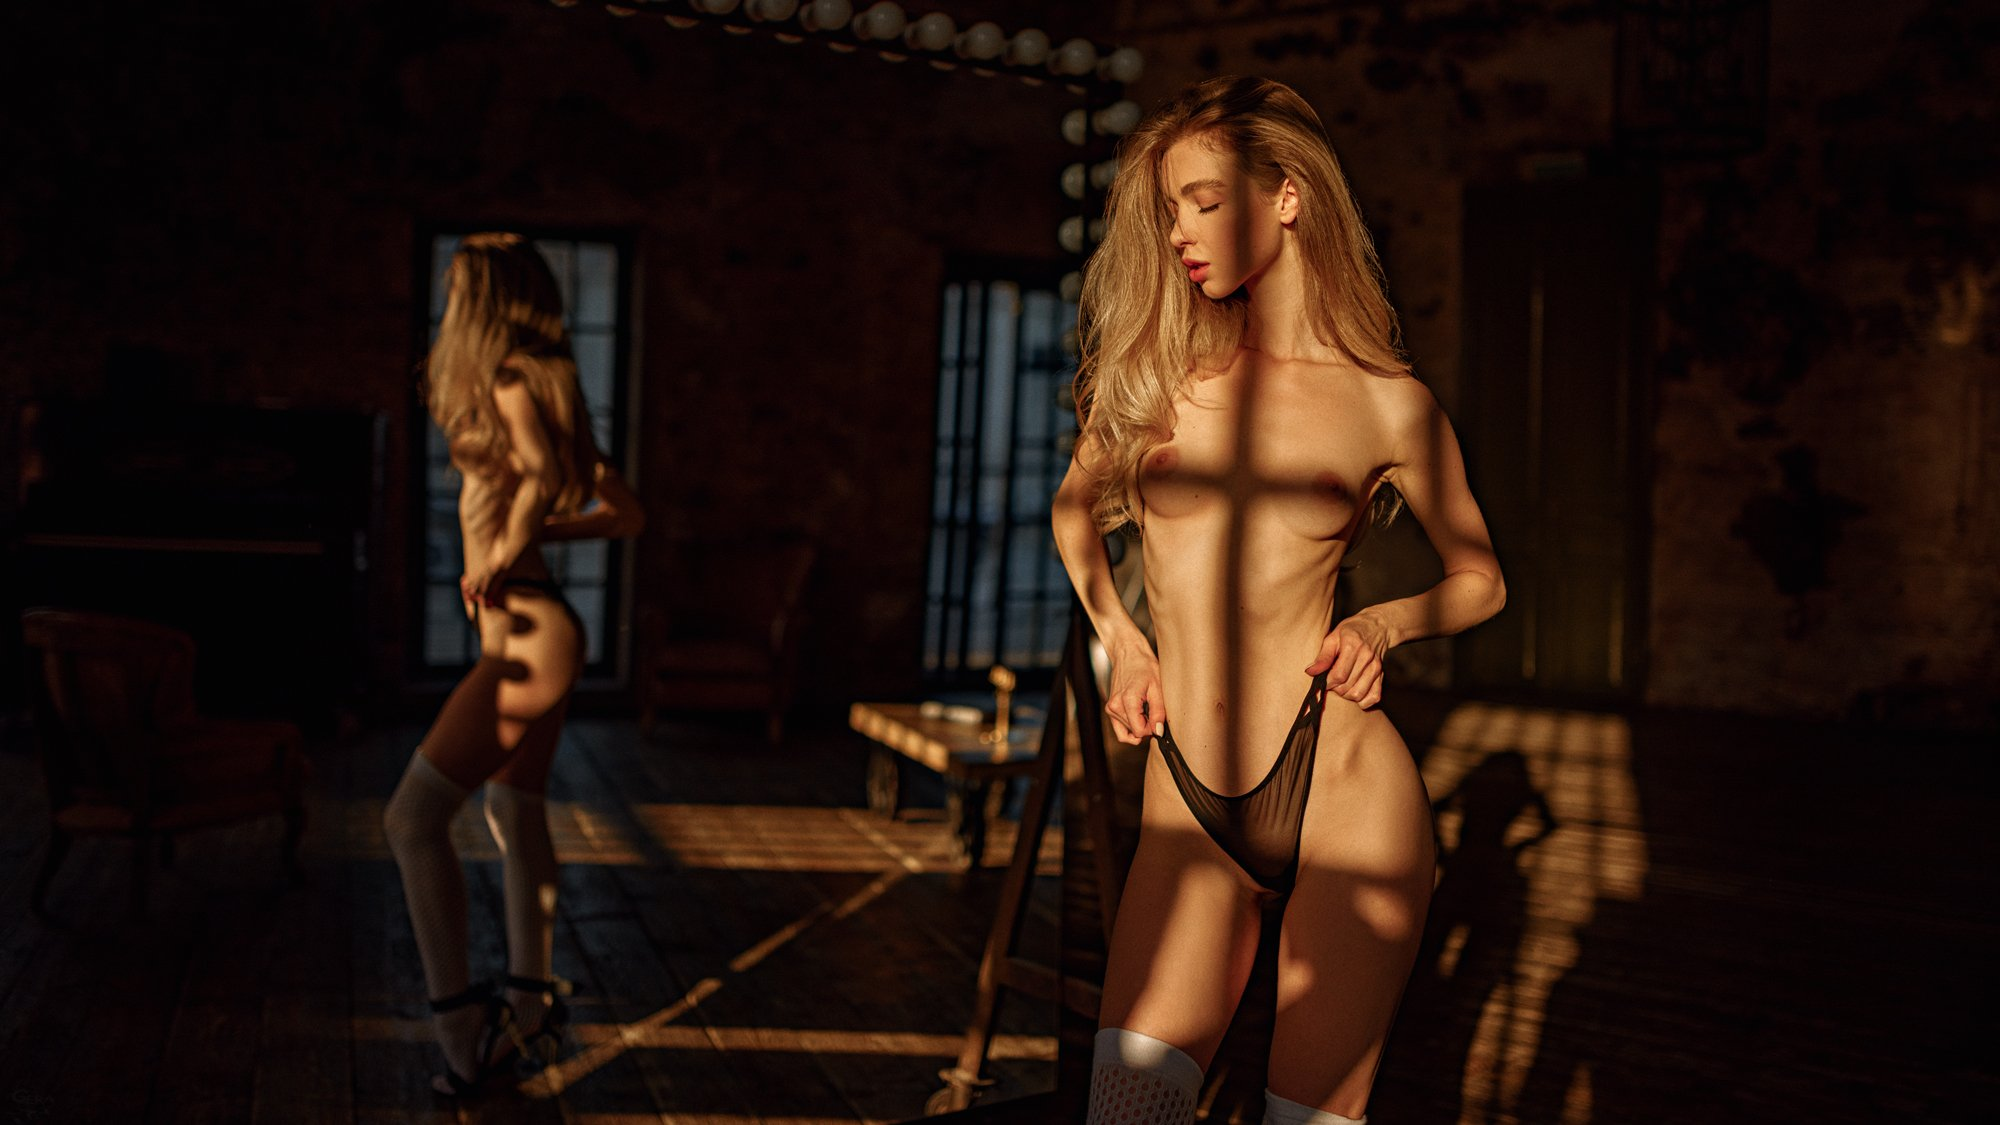 ню, портрет, арт, portrait, art, nude, model, imwarrior, Георгий Чернядьев